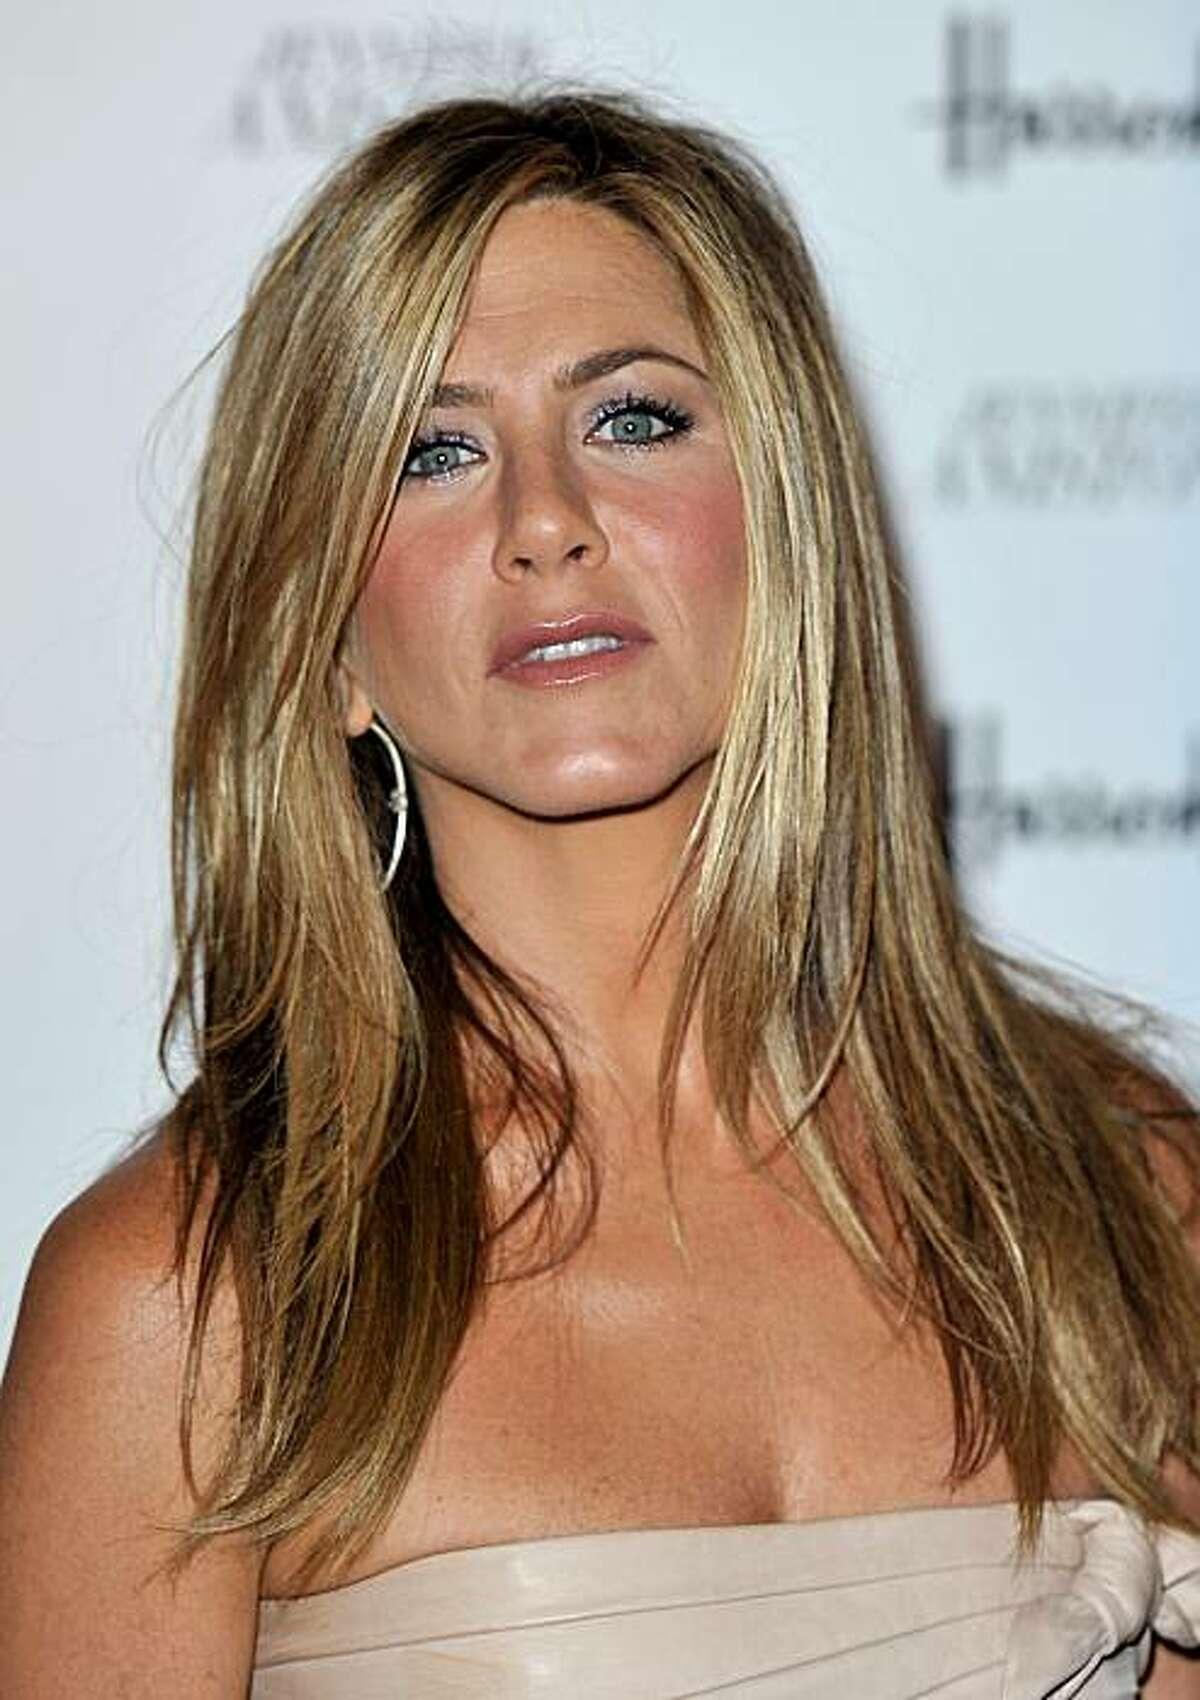 Jennifer Aniston, July 21, 2010, age 41.